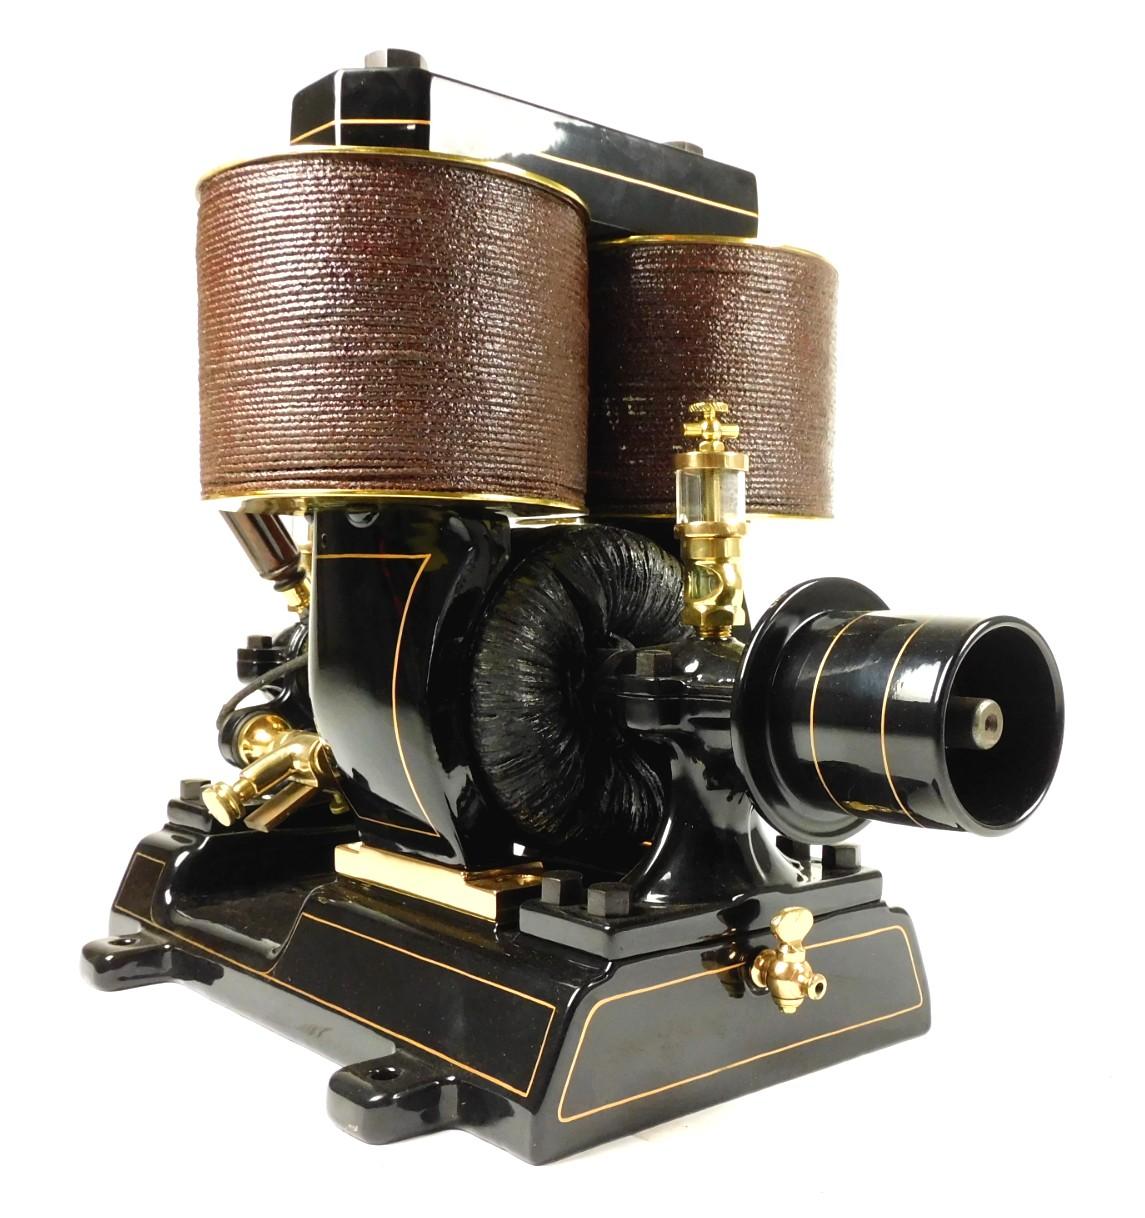 Circa 1890's C&C 5R 220V Bipolar Motor